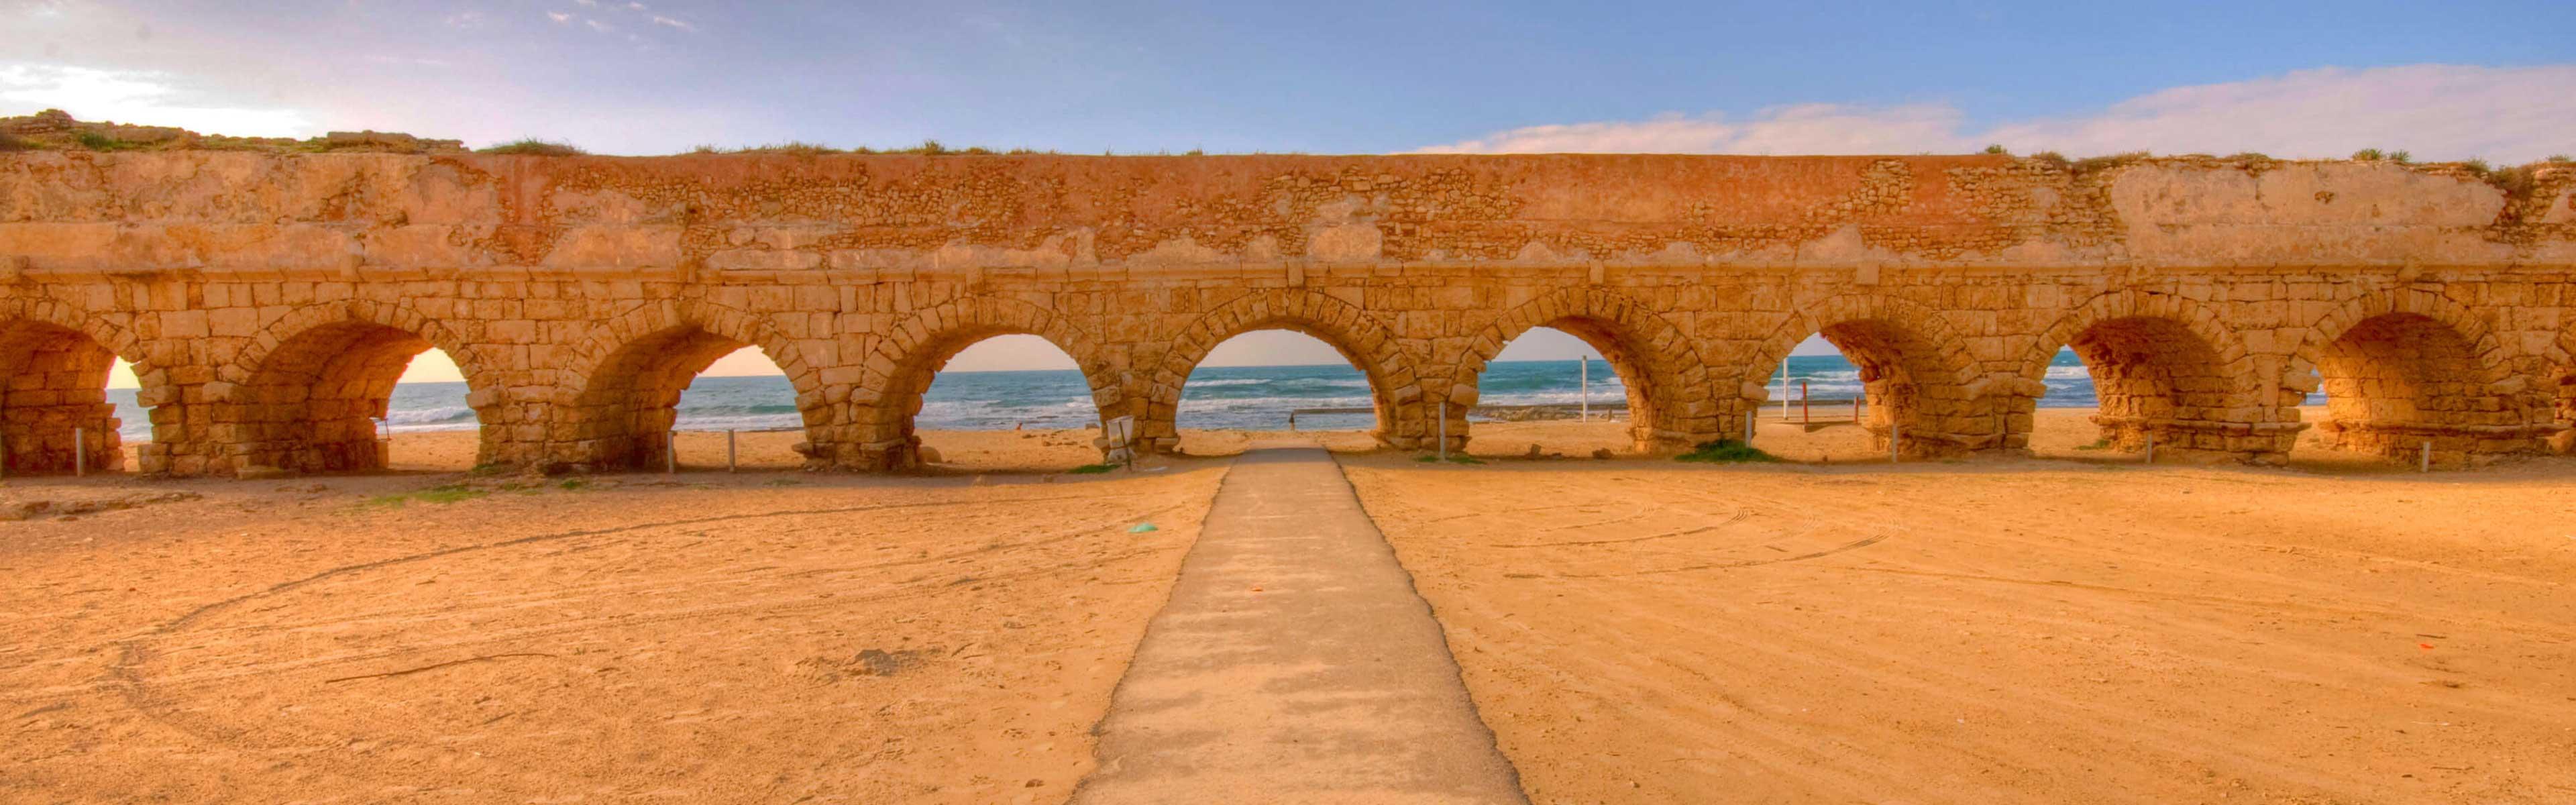 Cesarea's old aqueduct